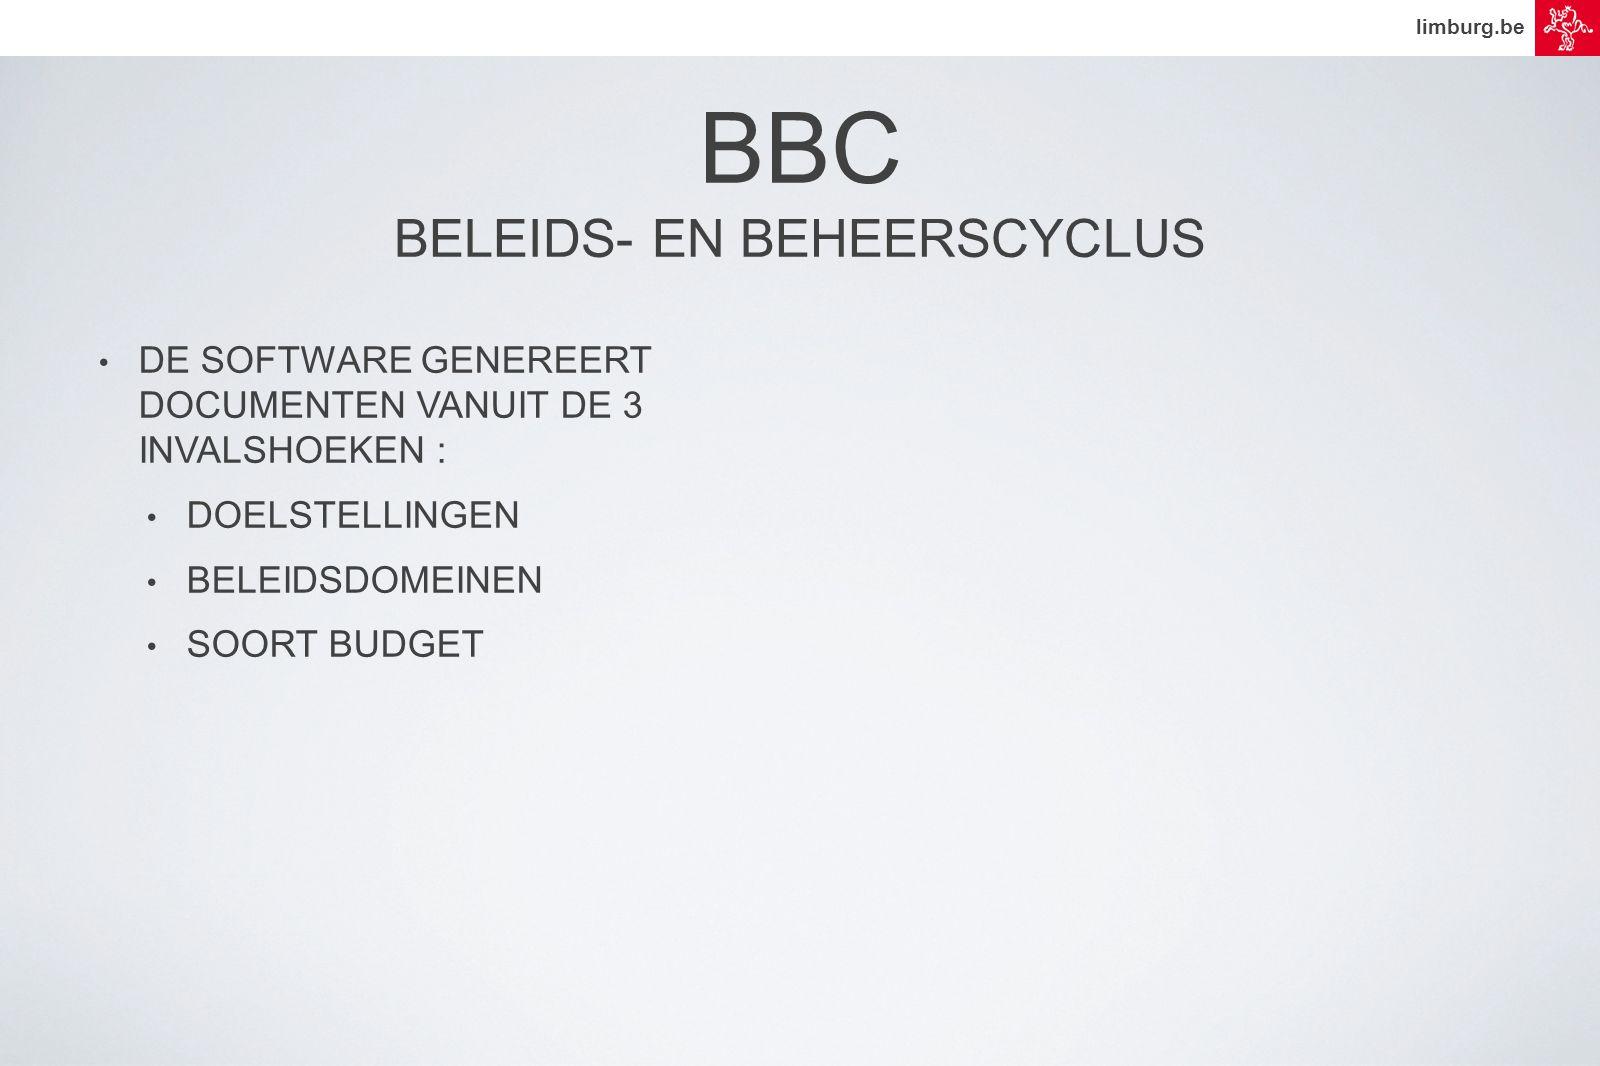 limburg.be • DE SOFTWARE GENEREERT DOCUMENTEN VANUIT DE 3 INVALSHOEKEN : • DOELSTELLINGEN • BELEIDSDOMEINEN • SOORT BUDGET BBC BELEIDS- EN BEHEERSCYCLUS